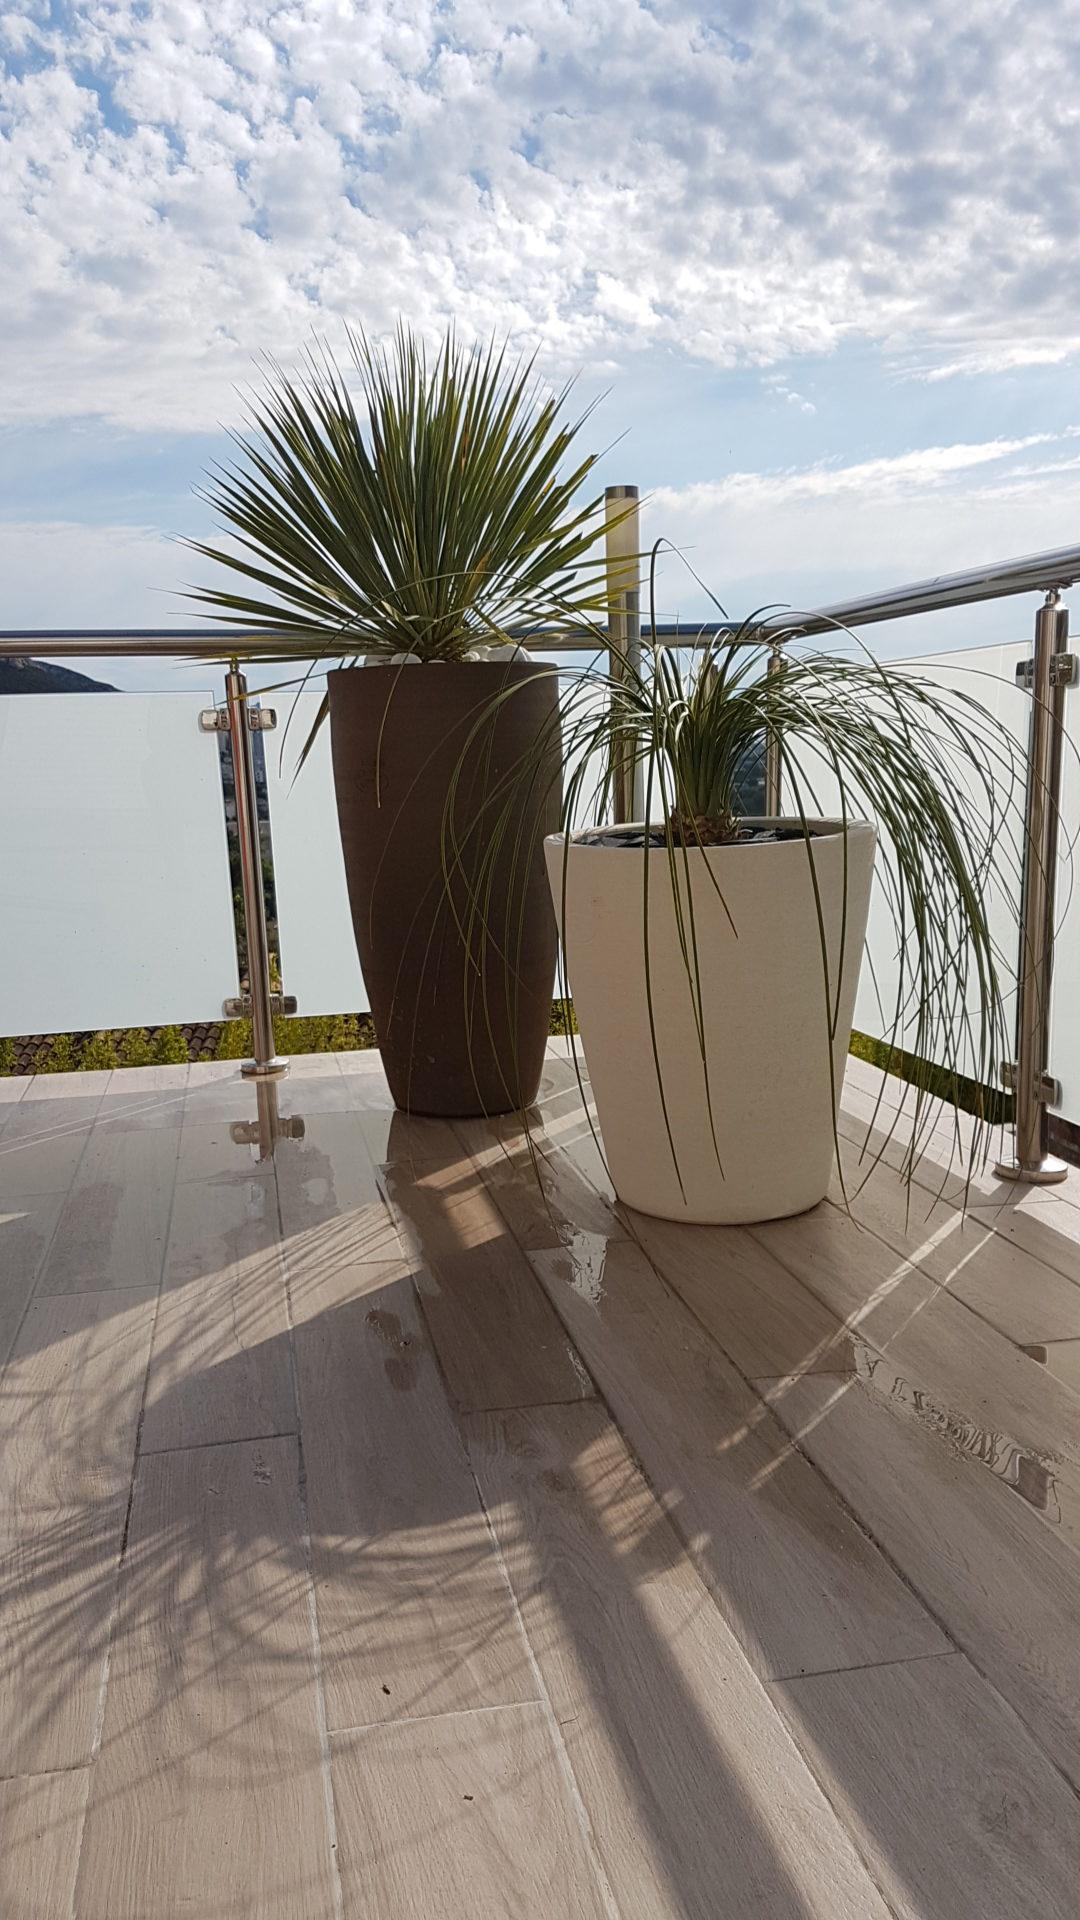 Aménagement extérieur Pots - Marseille La Valentine ©PA